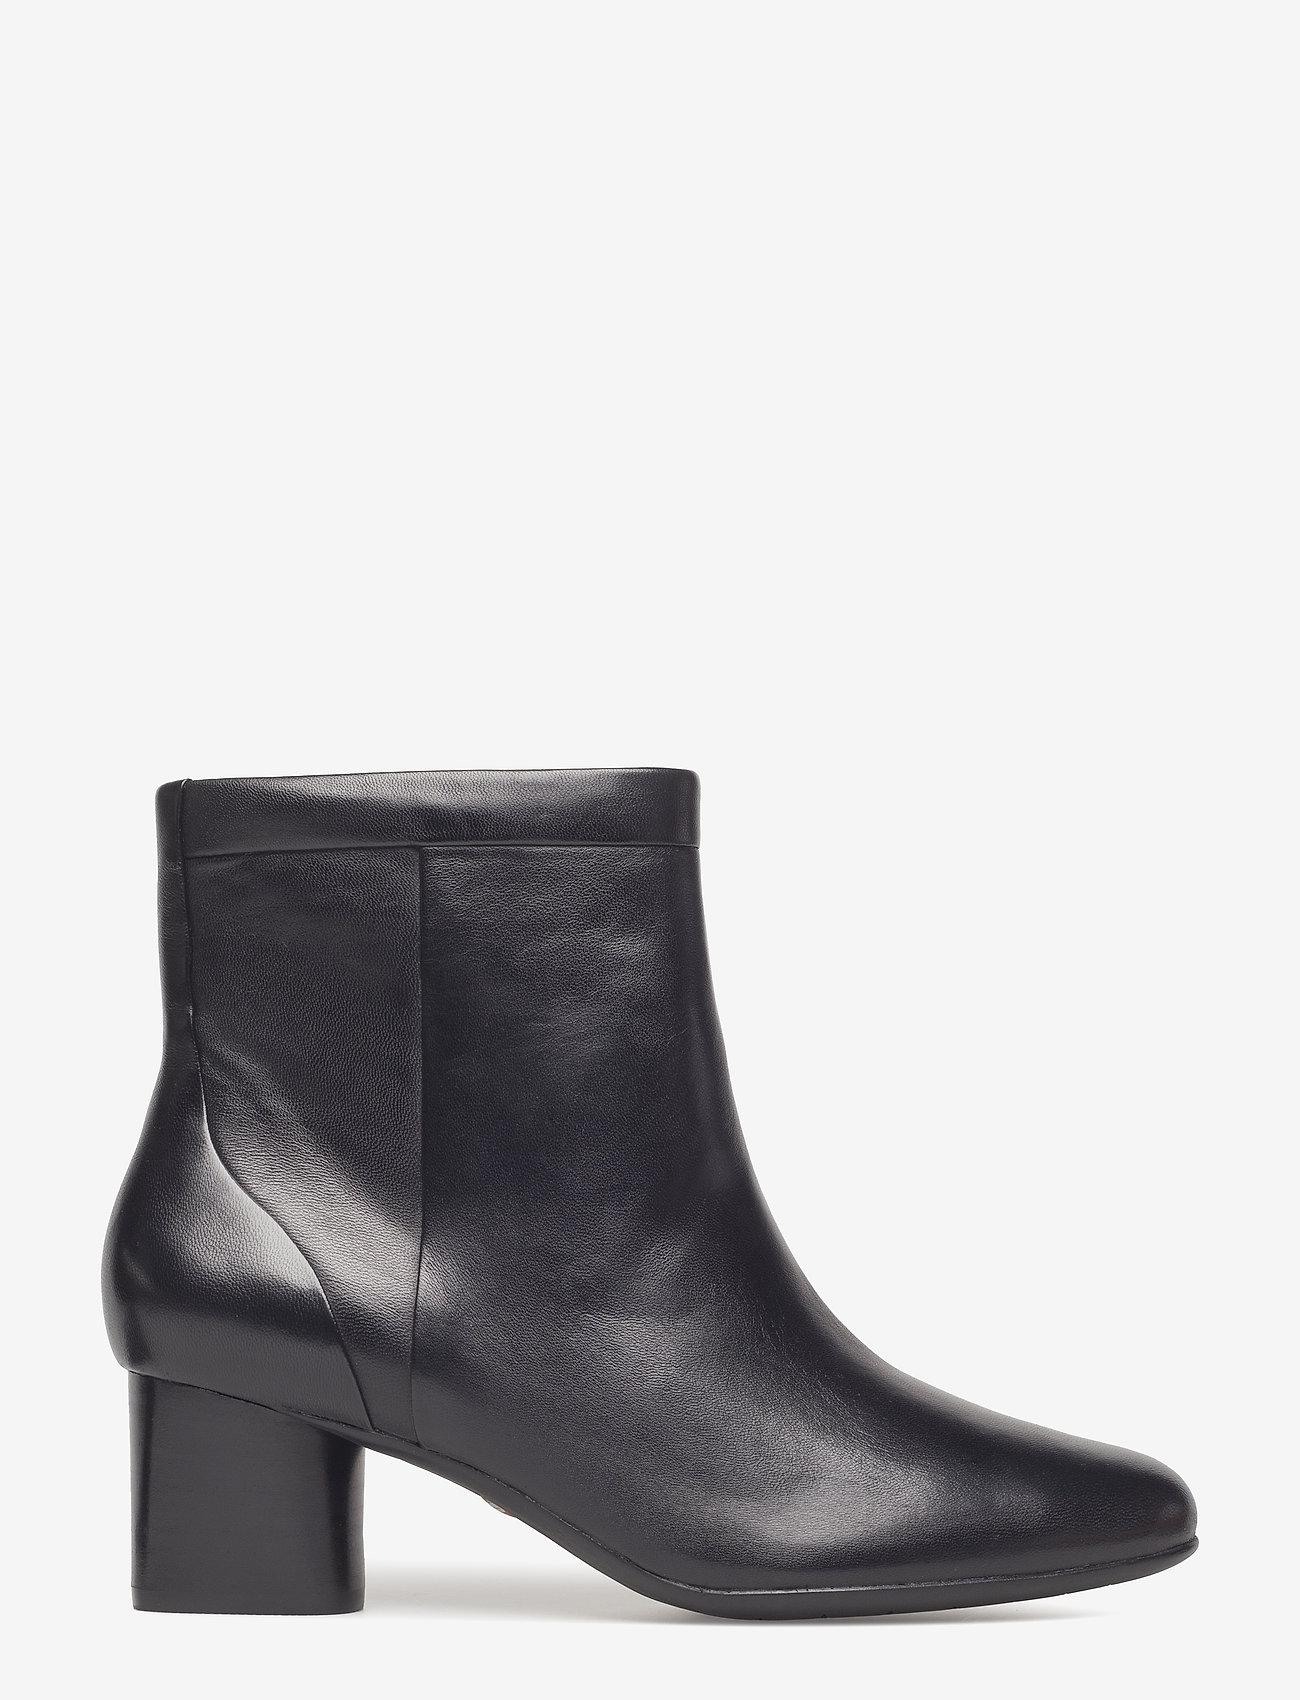 Clarks - Un Cosmo Up - ankelstøvletter med hæl - black leather - 1